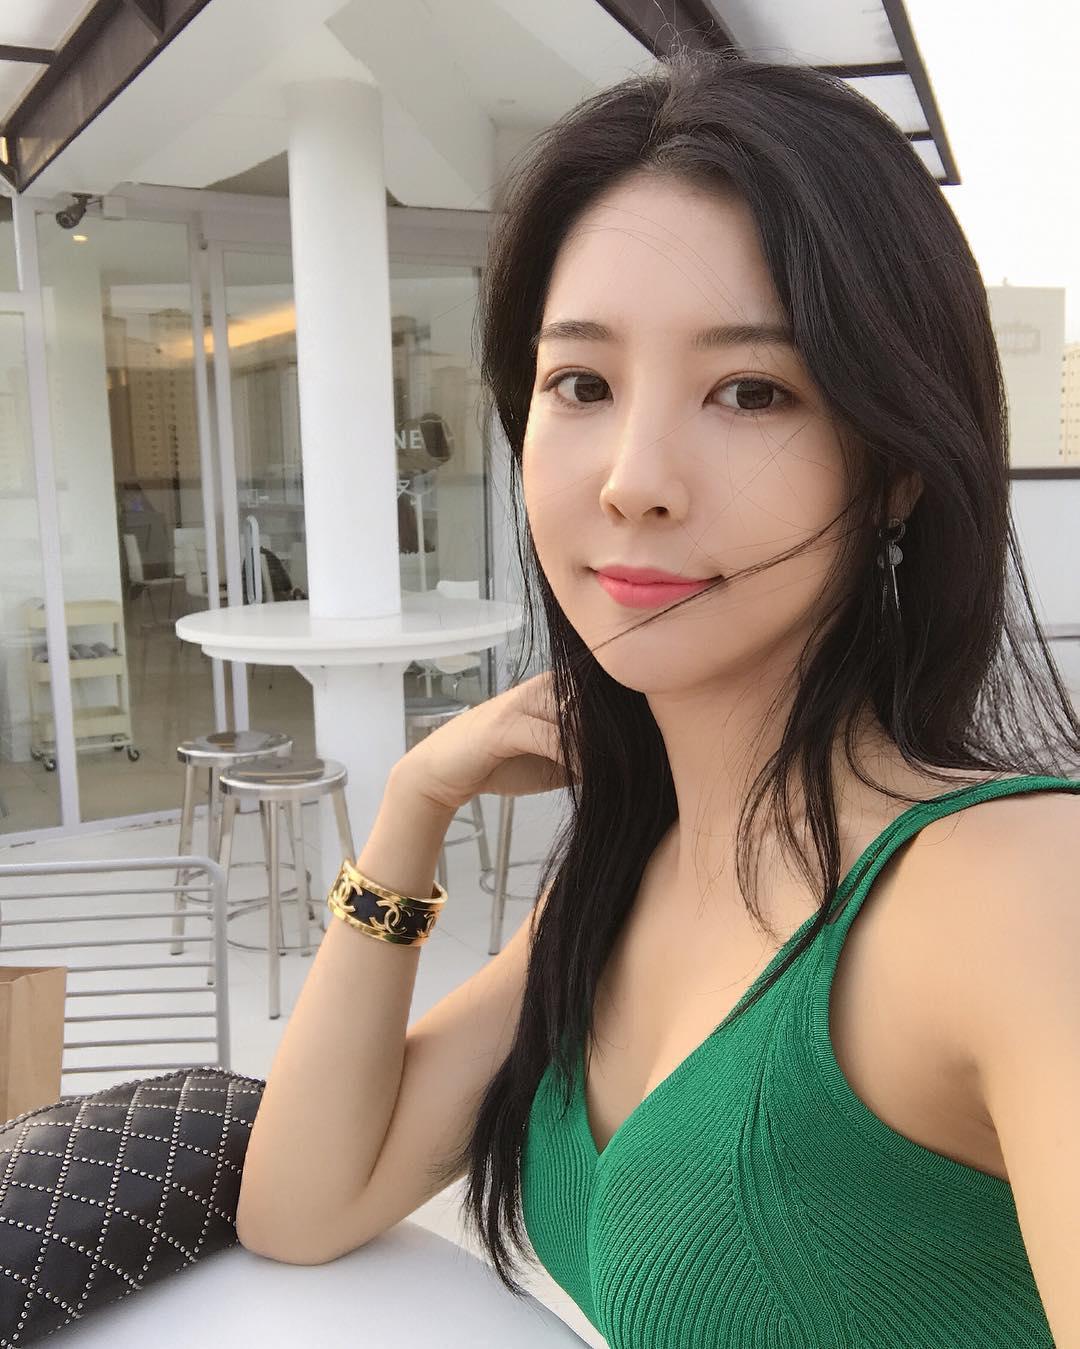 goeun.flower_29400682_168040053852621_4972209120896614400_n